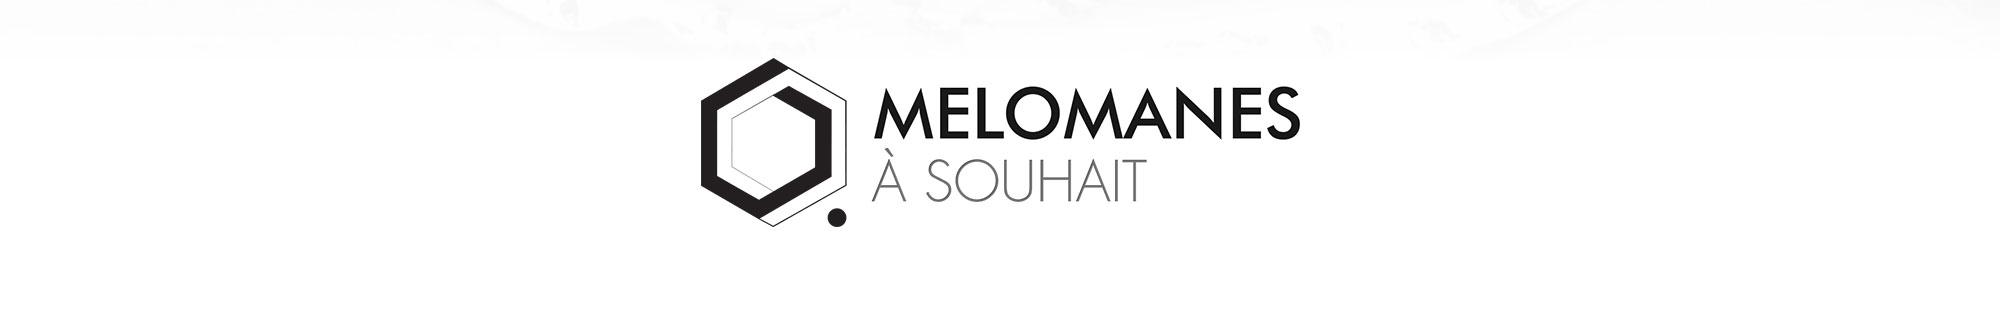 melomanes-portfolio_12